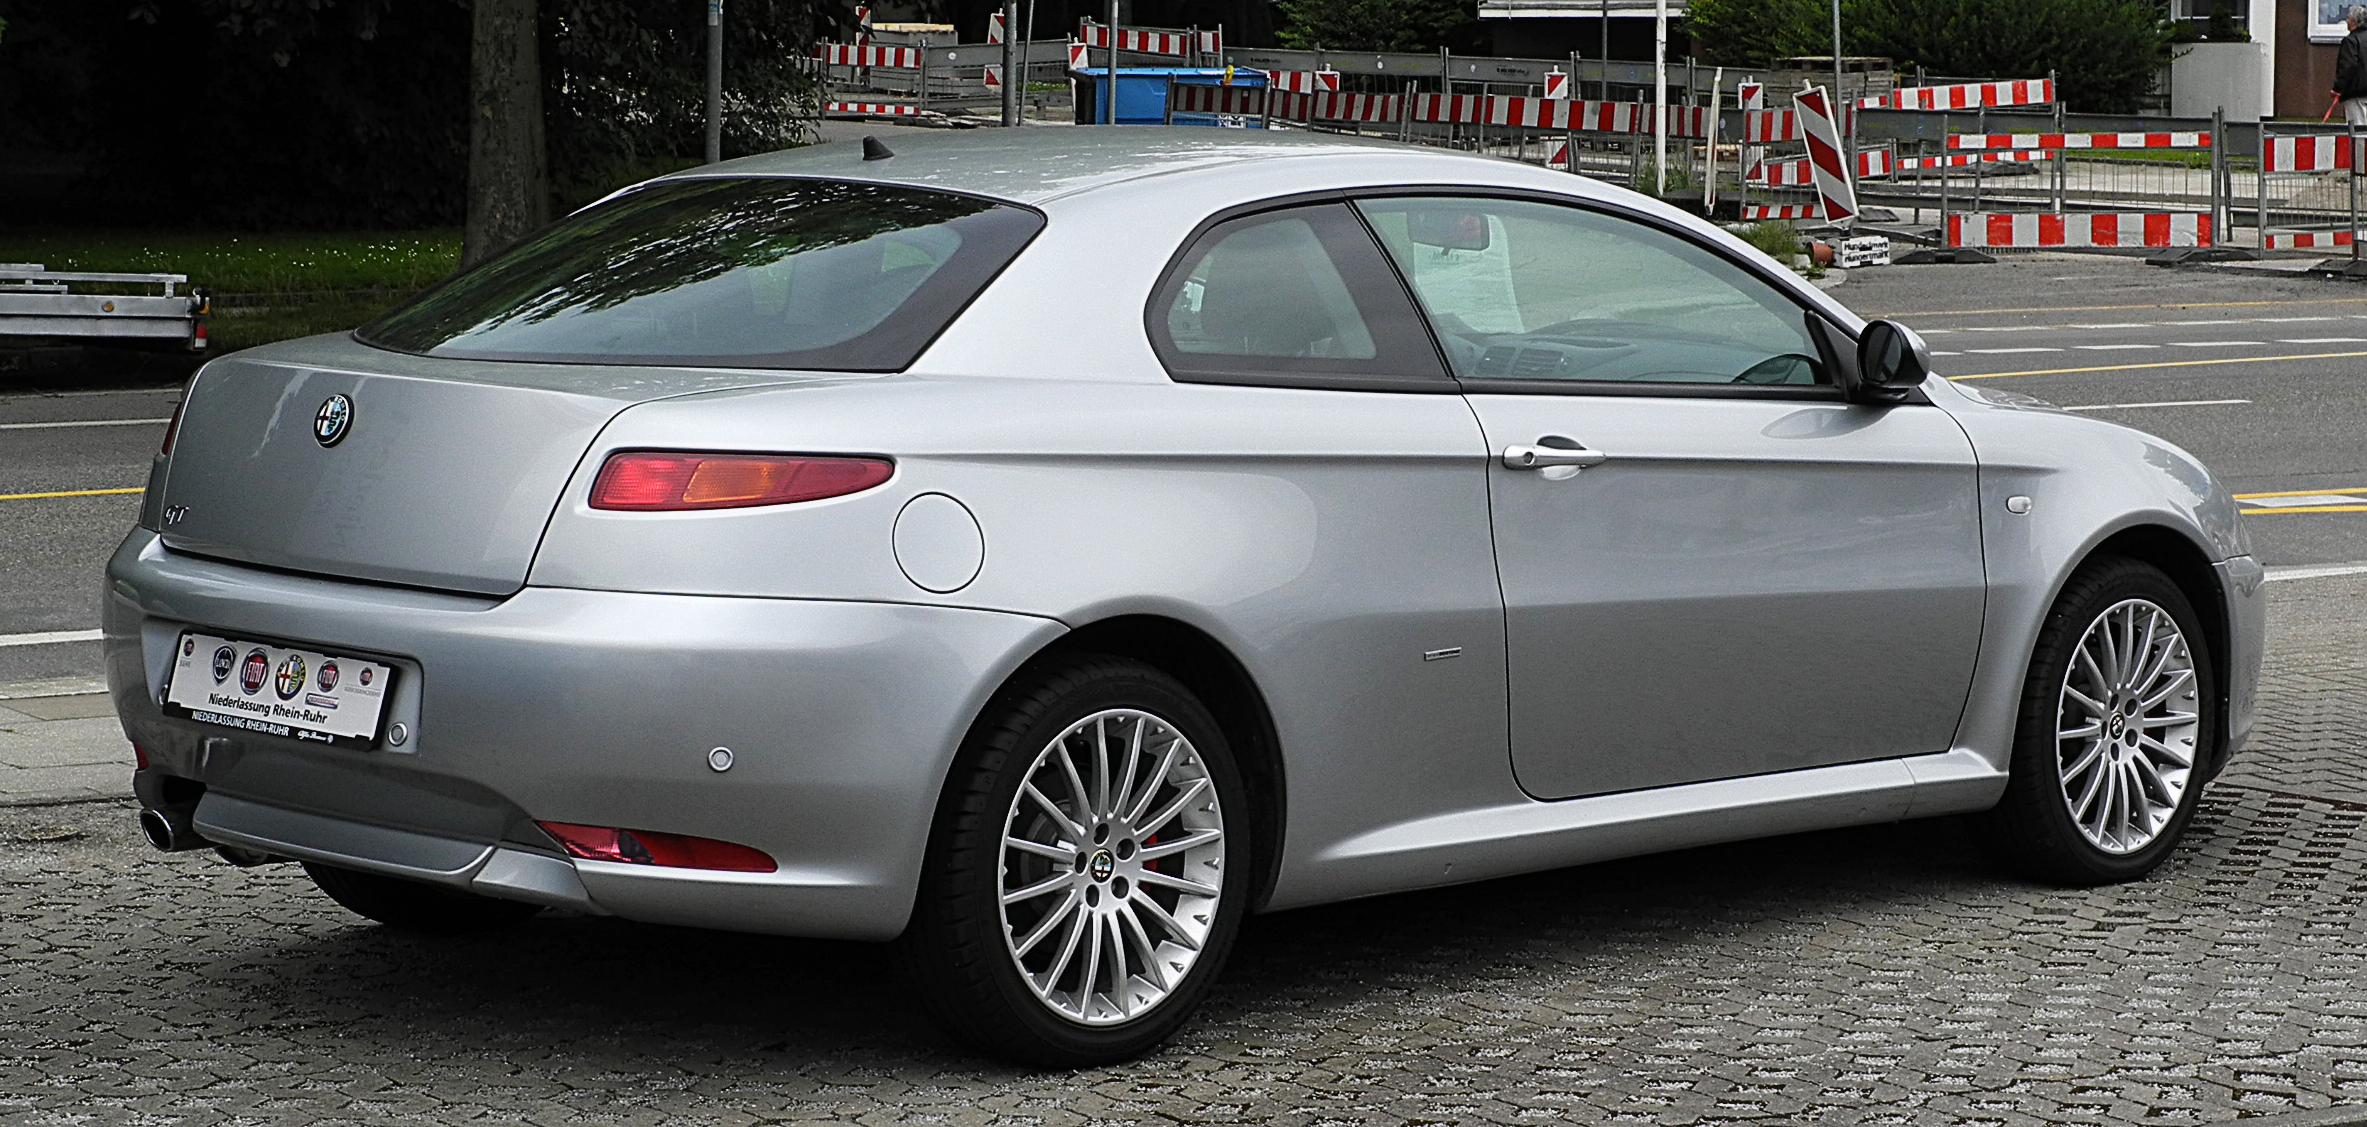 File:Alfa Romeo GT 1.8 TS 16V Progression – Heckansicht, 3. Juli ...